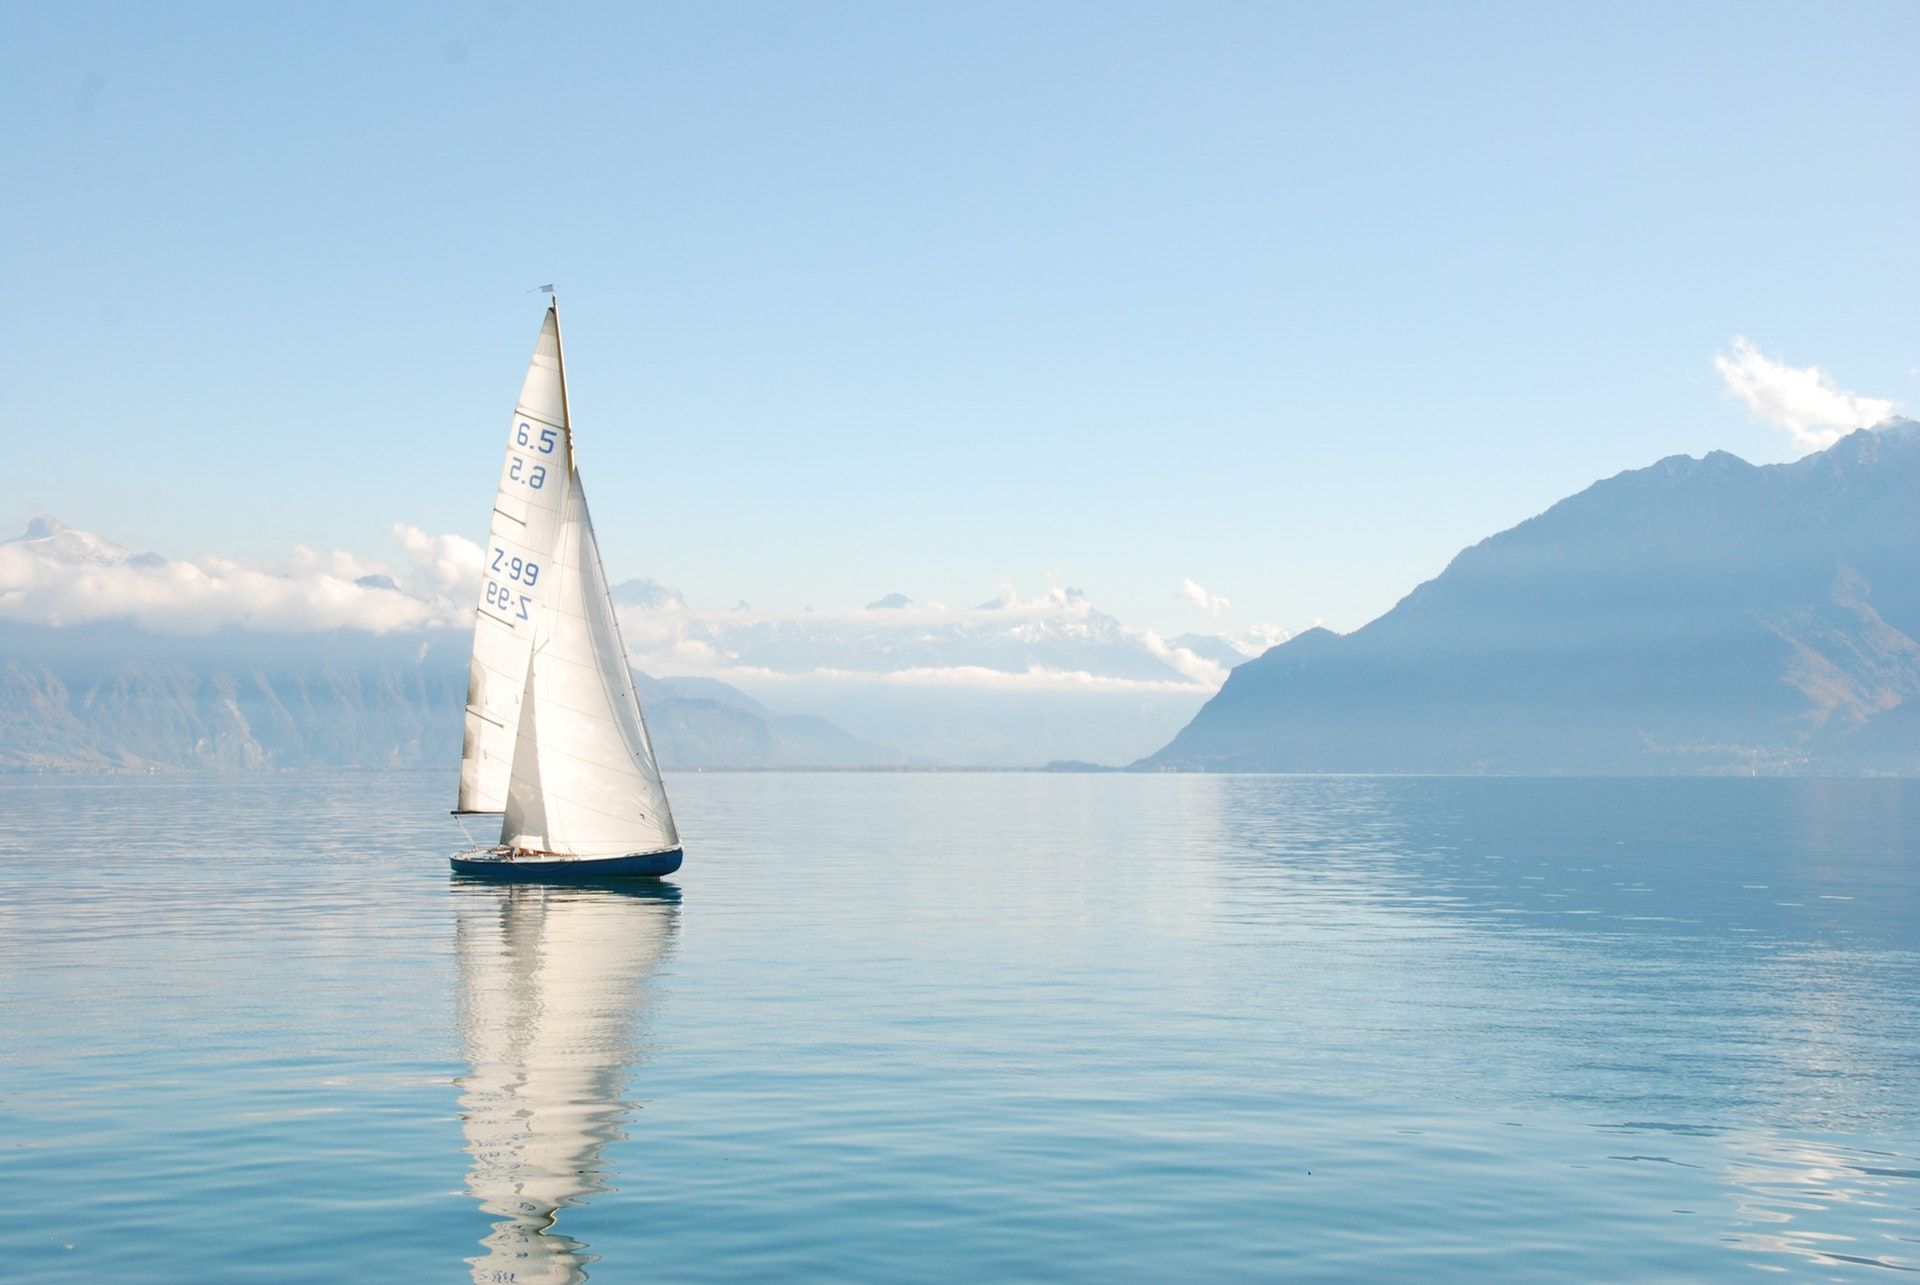 عکس زمینه قایق بادبانی سفید در آب پس زمینه